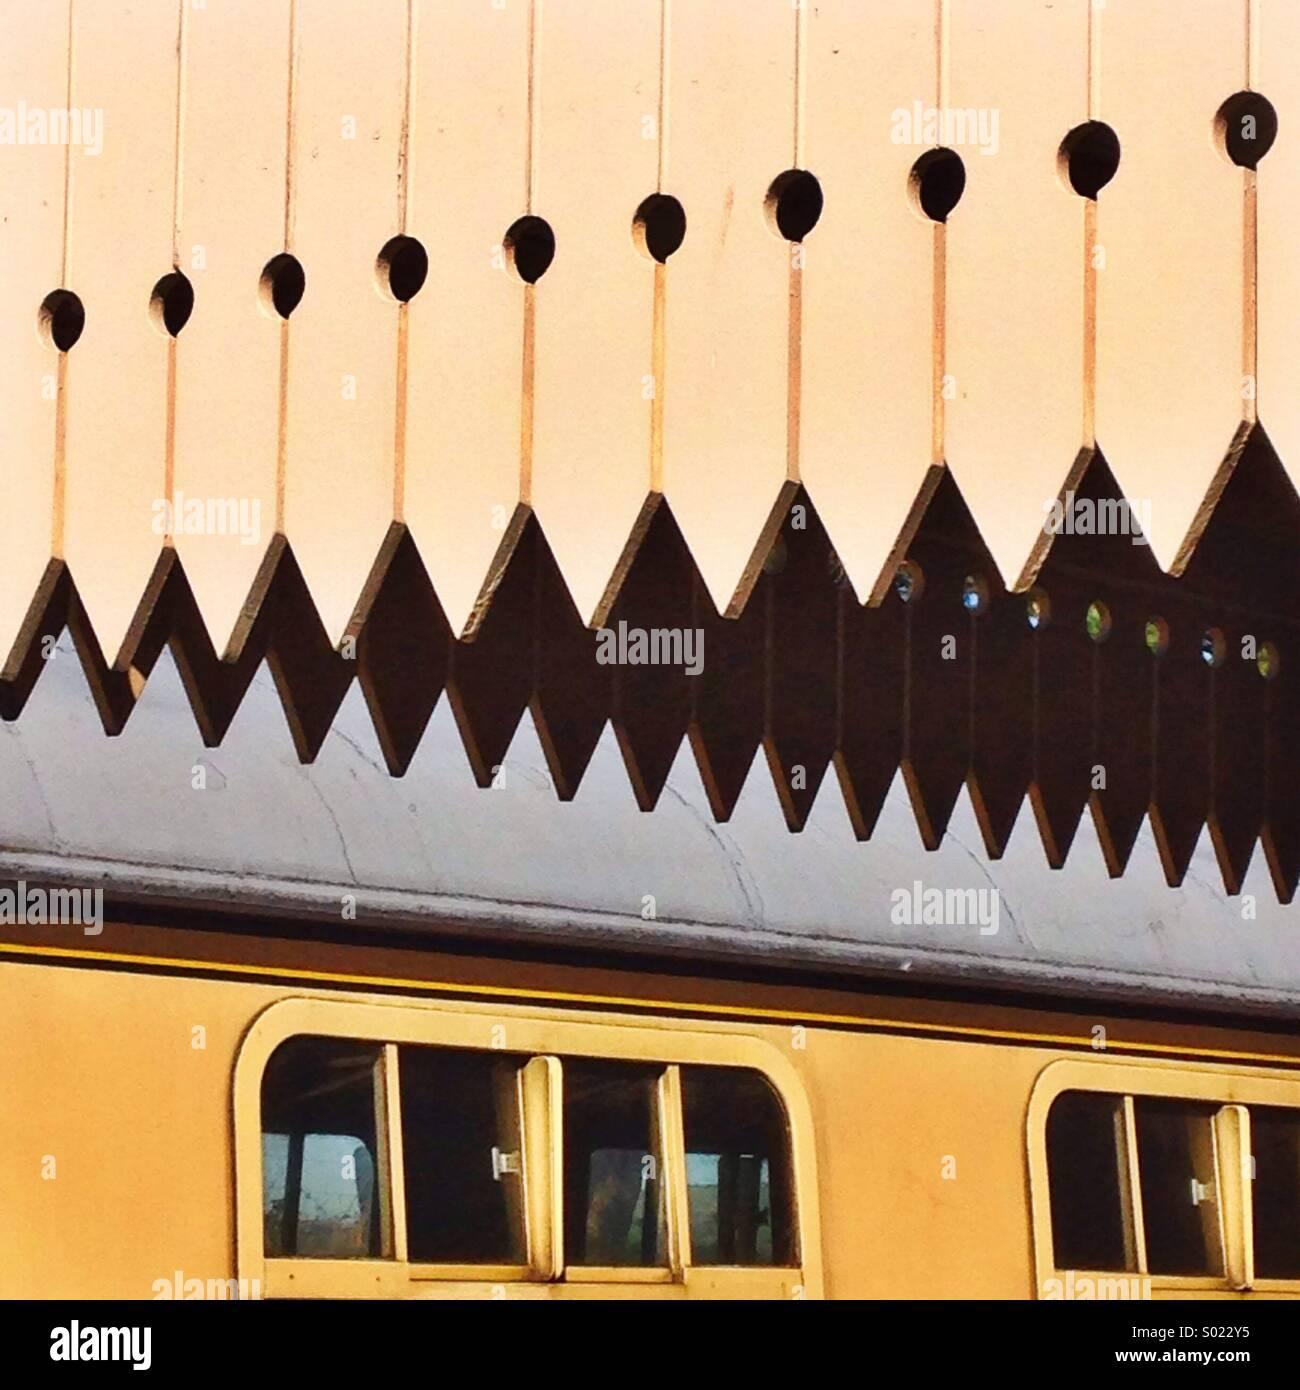 Formas abstractas sobre el patrimonio ferroviario de la plataforma Imagen De Stock